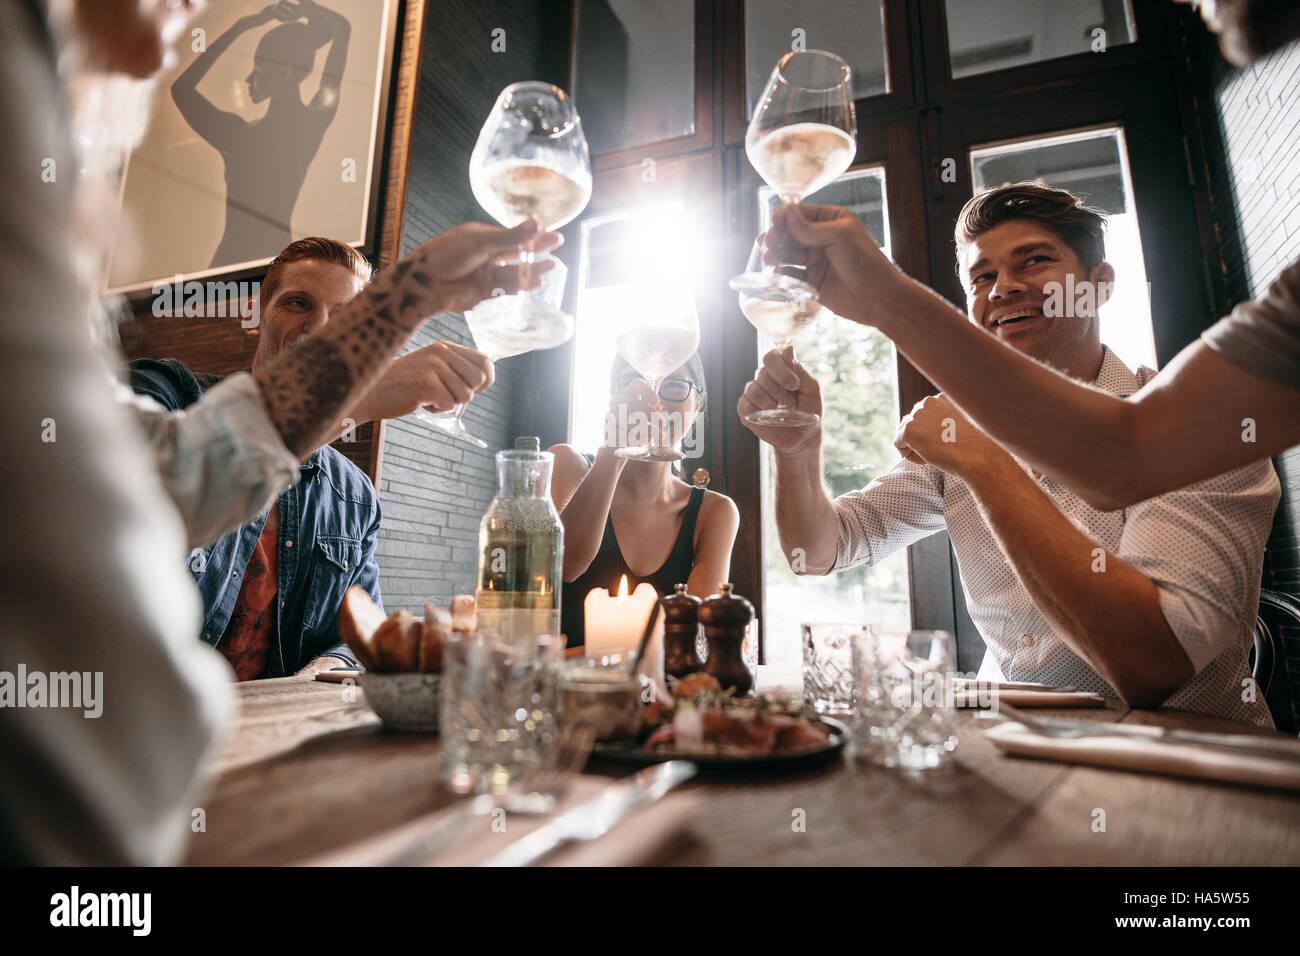 Gruppe von jungen Menschen, die einen Toast im Restaurant. Männer und Frauen sitzen an einem Tisch im Café Stockbild